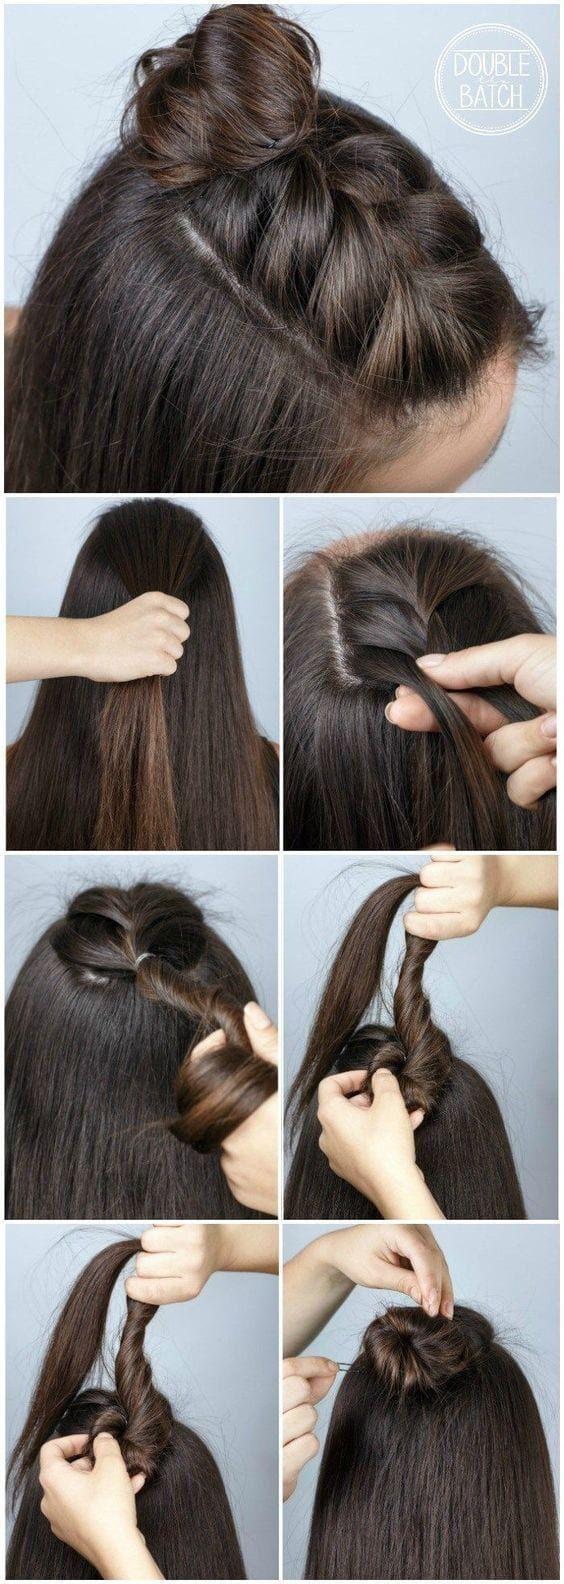 Frisuren für die Schule – #die #Frisuren #für #Schule – Haar ideen